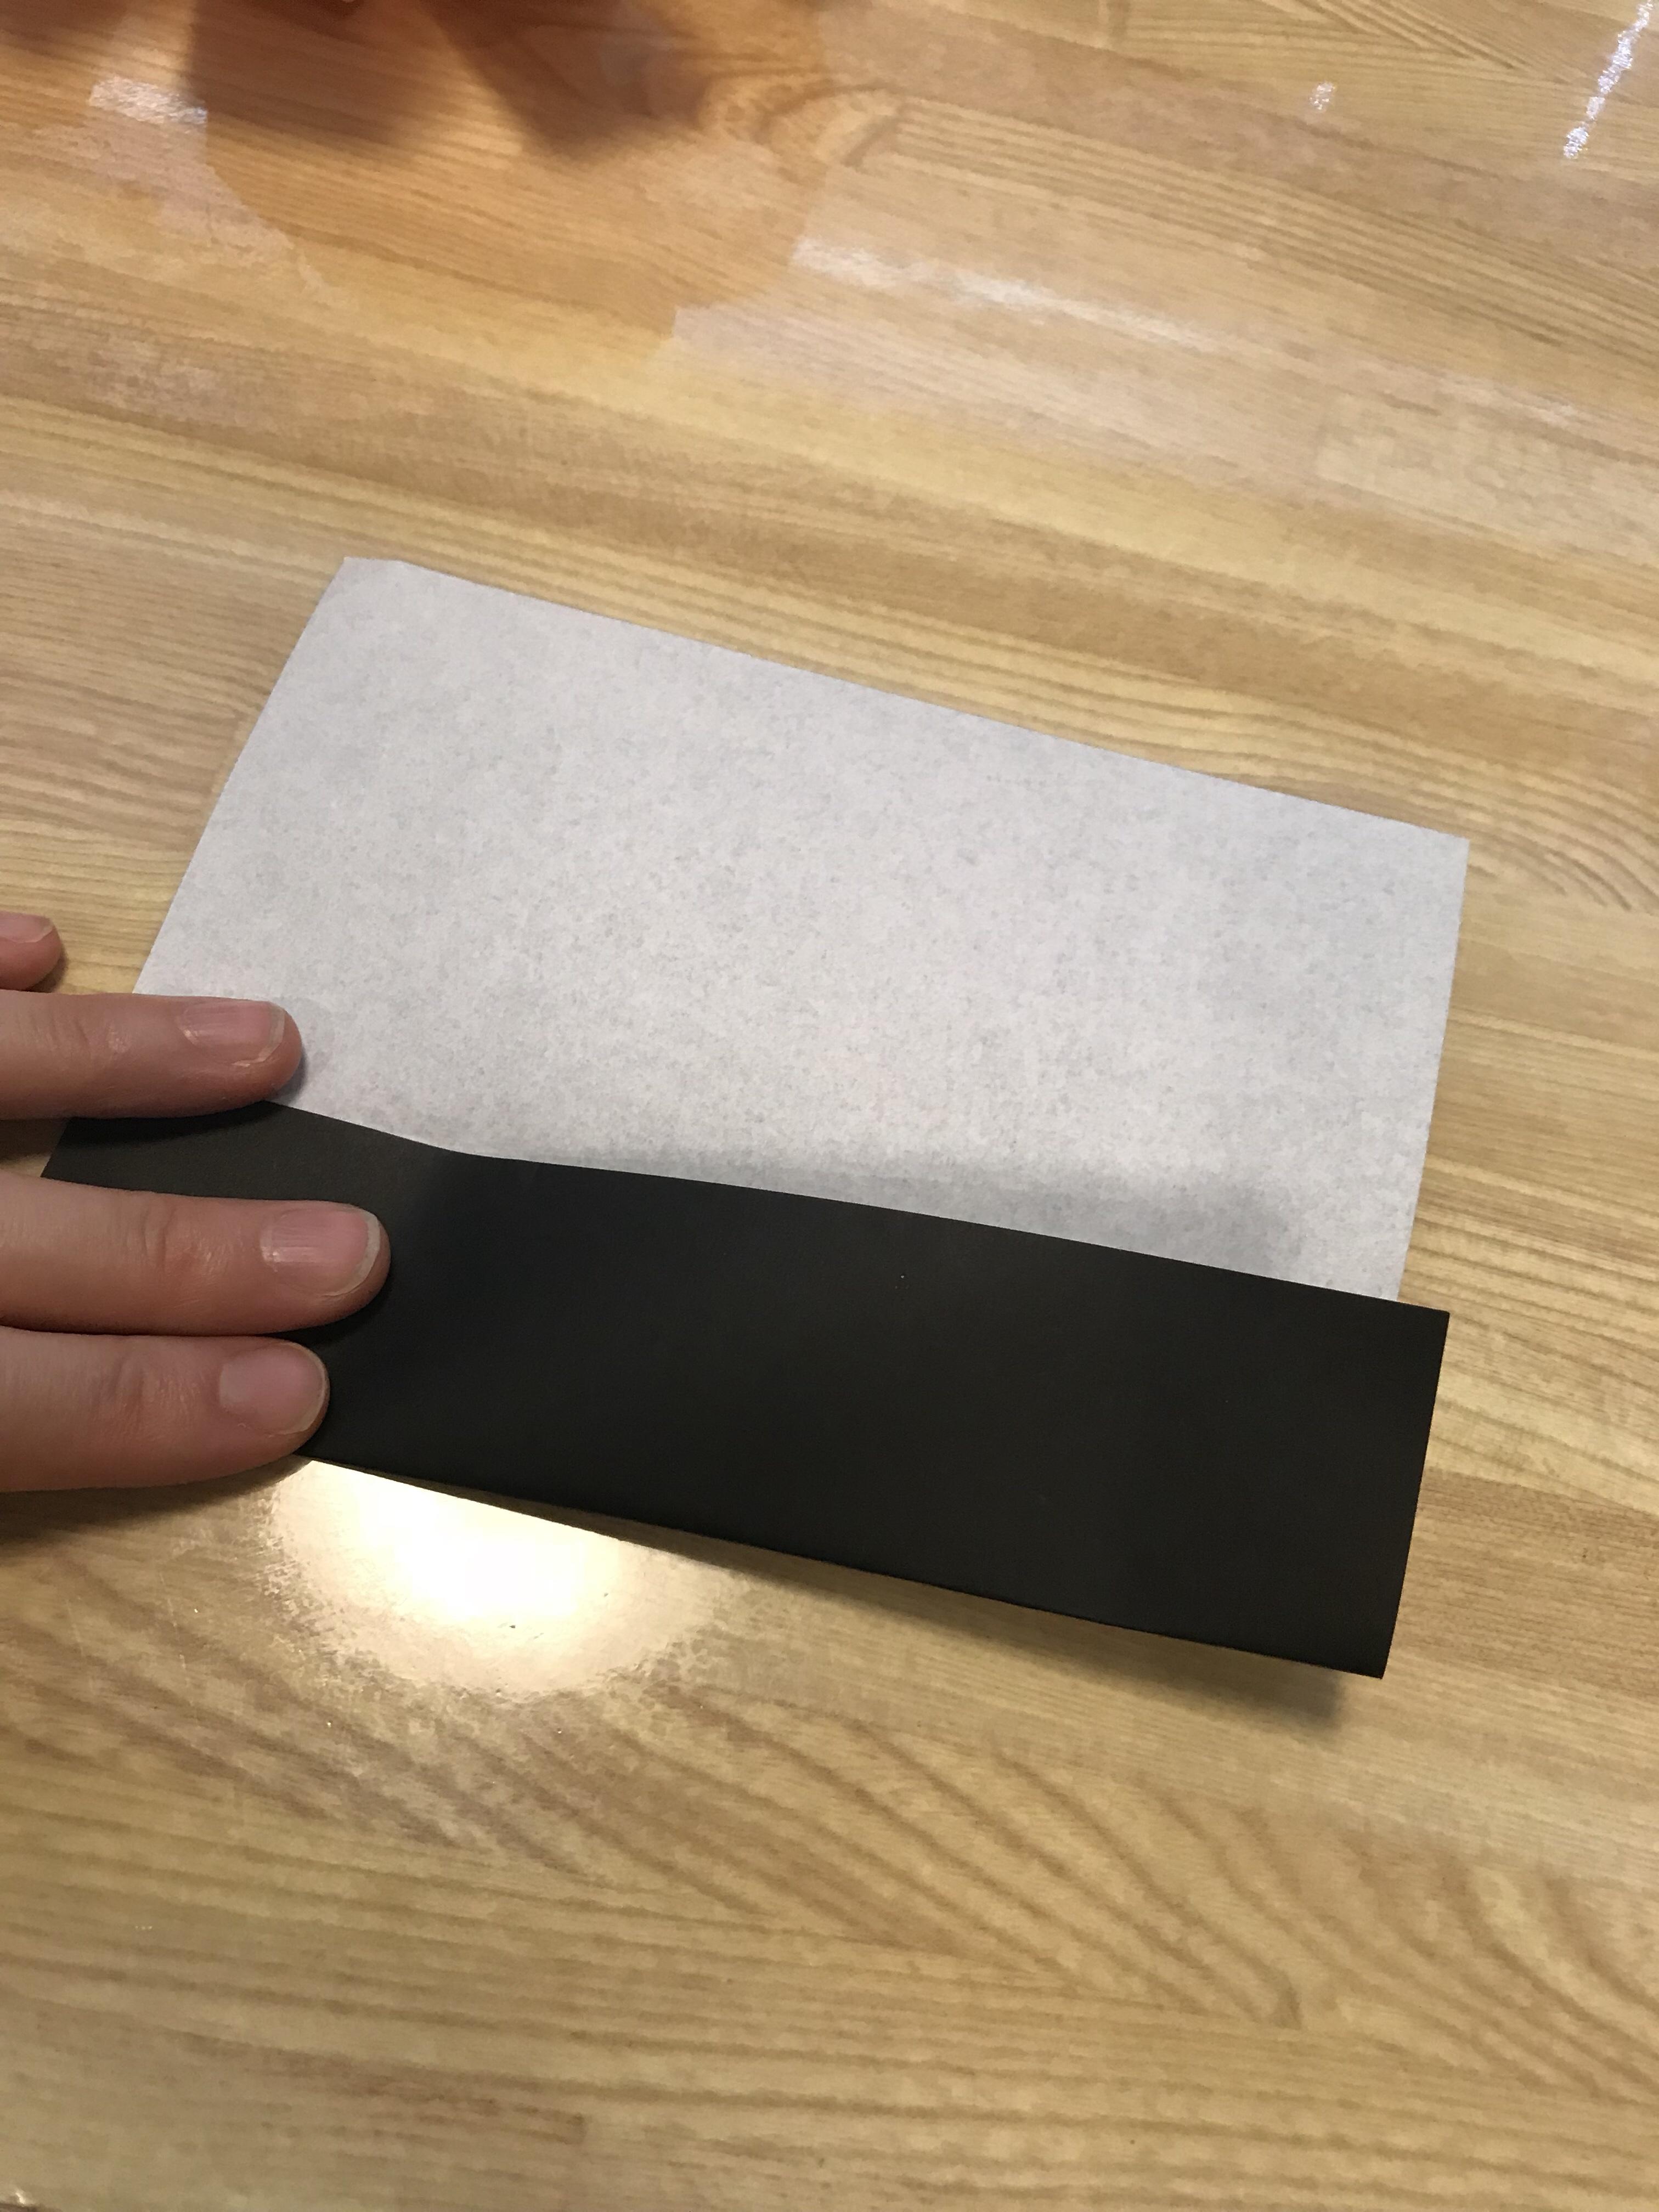 上手に書くためのガイド線の折り方